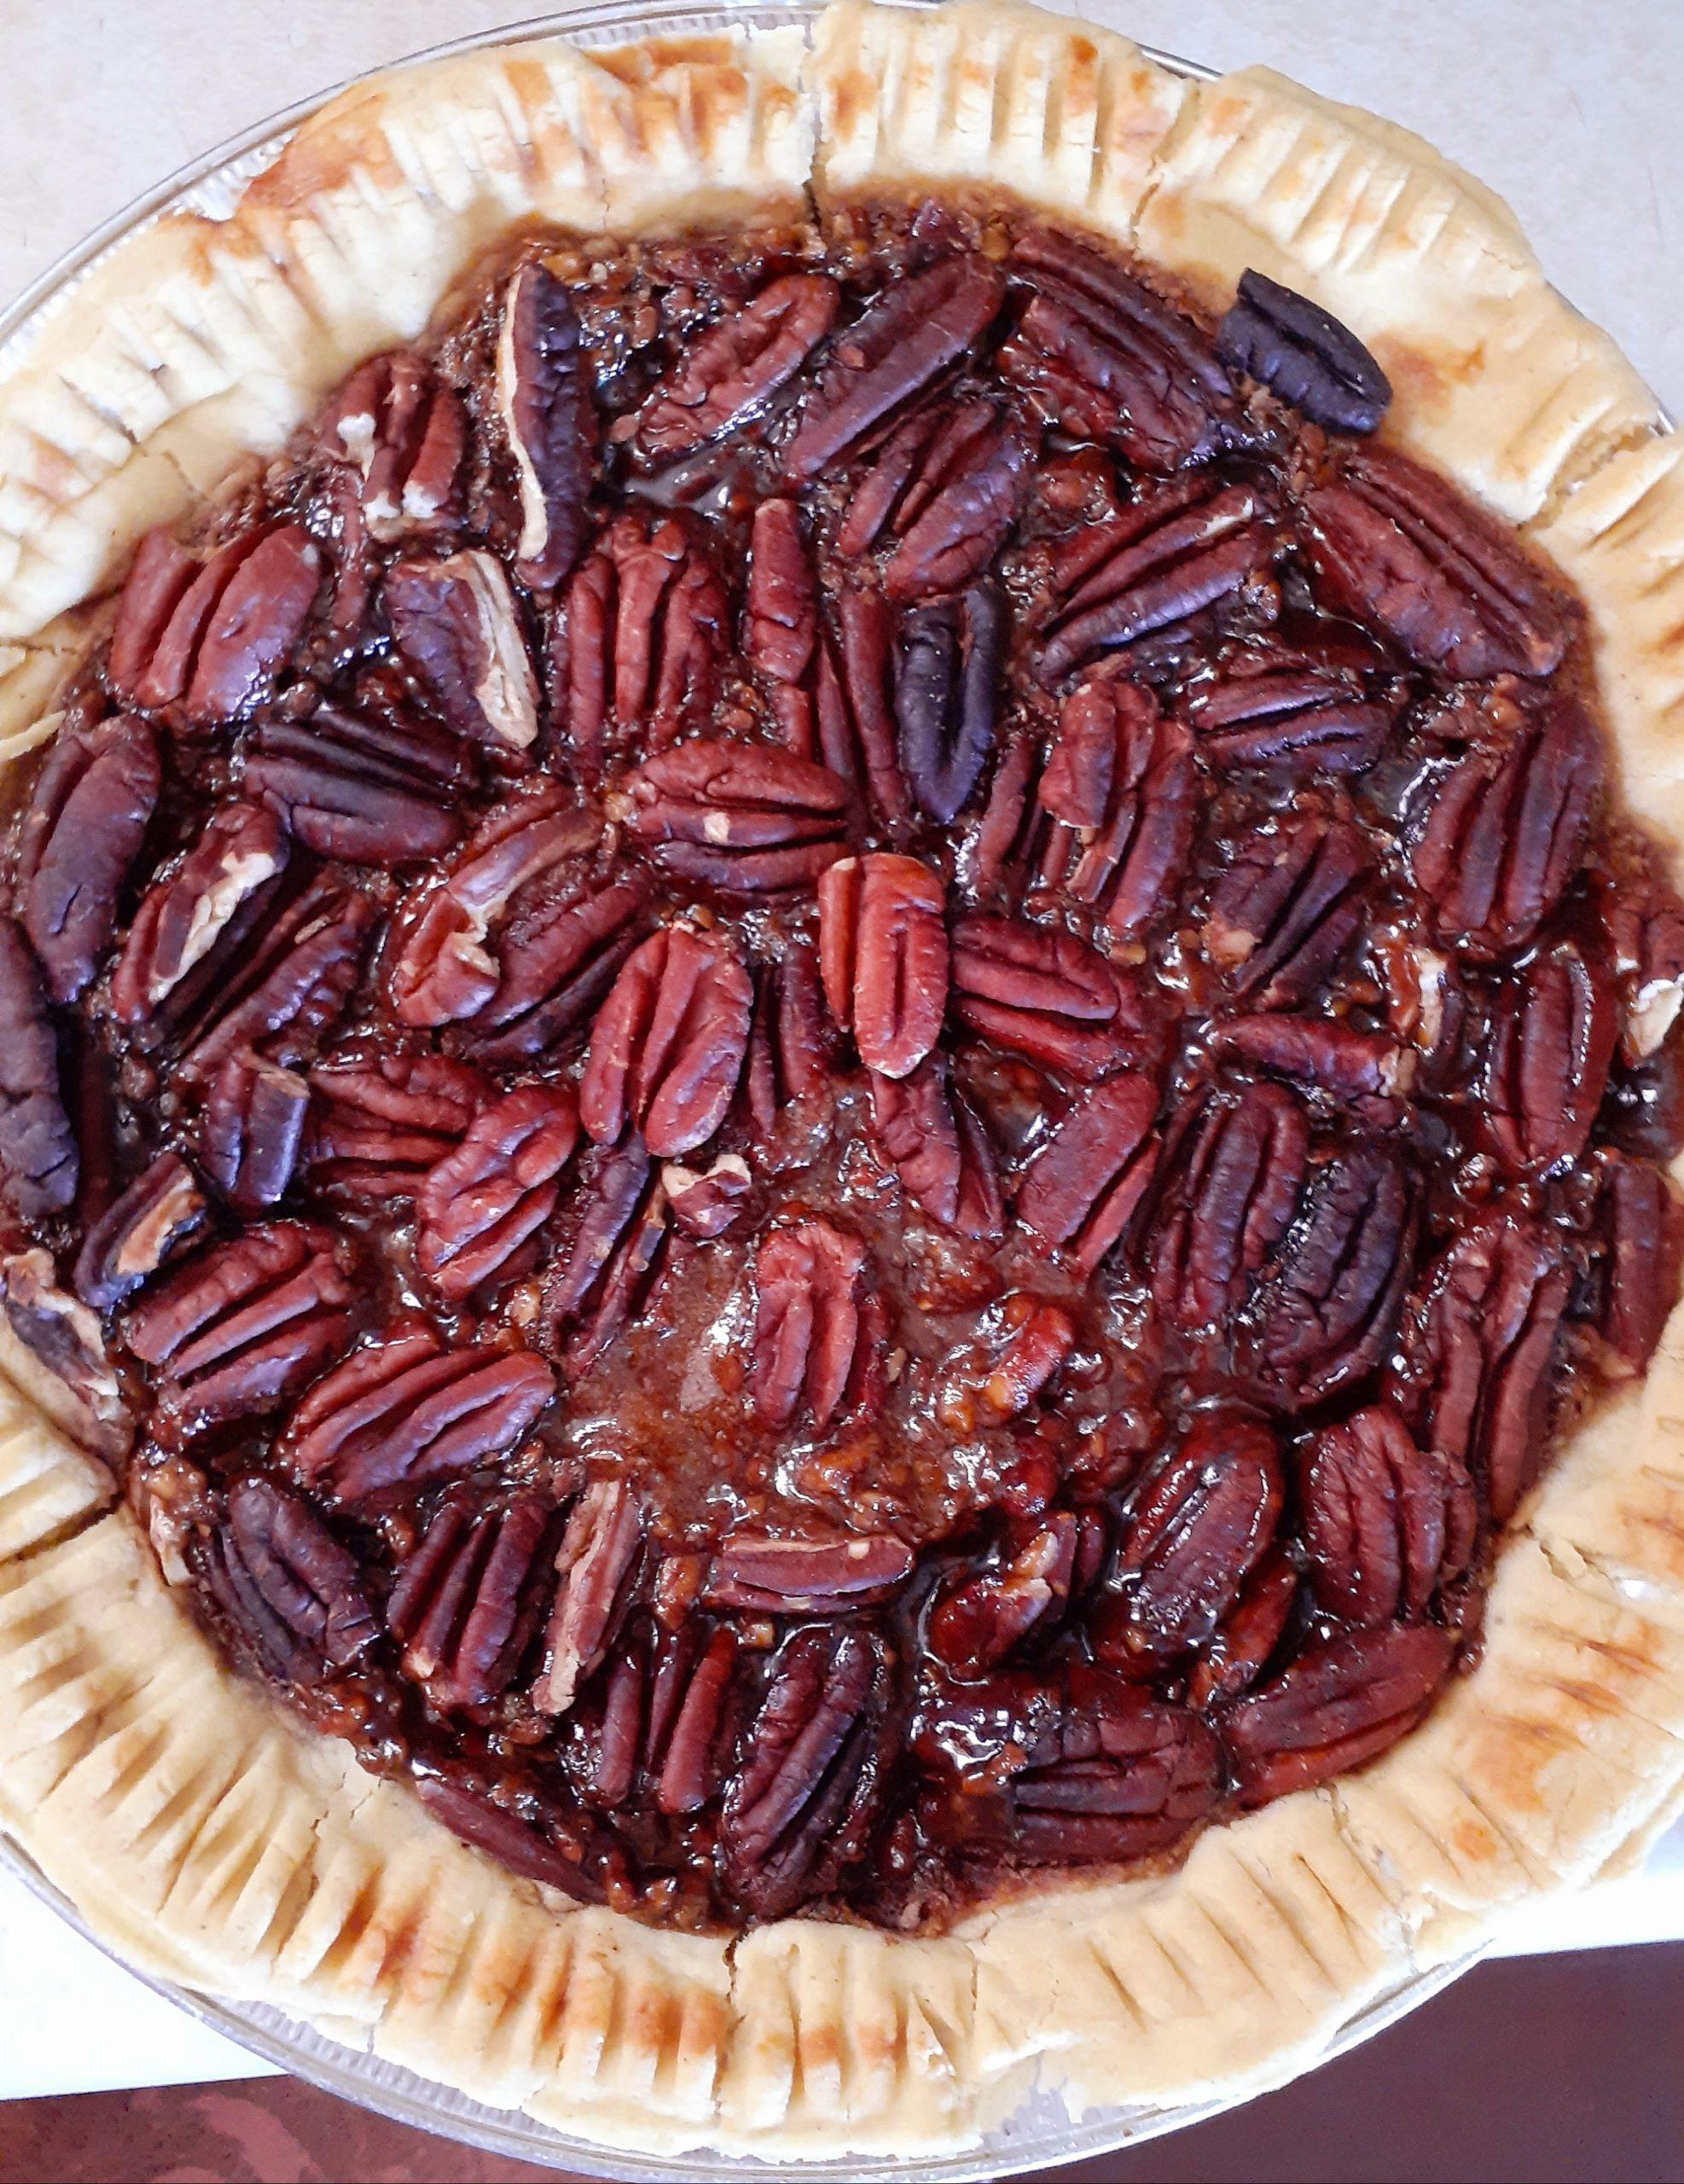 You'll Flip Over This Vegan, Gluten-Free Pecan Pie!